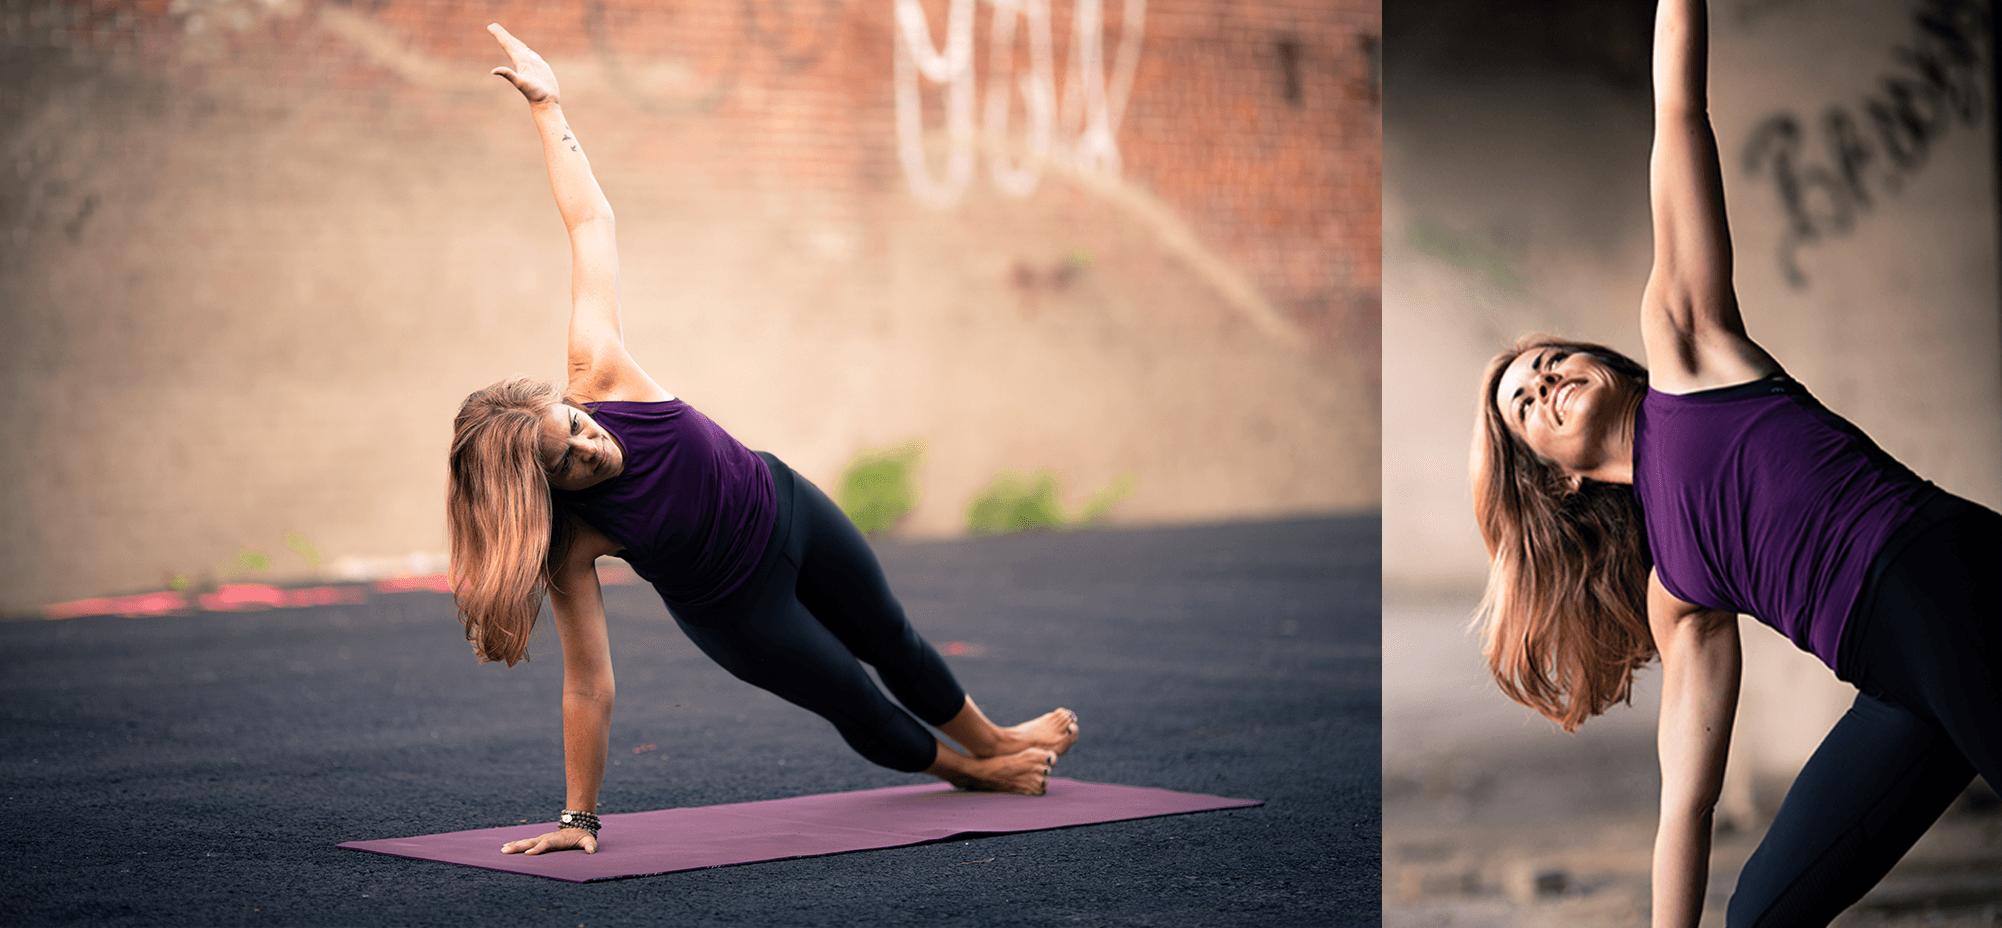 Christine Tresselt 2 yoga poses tablet